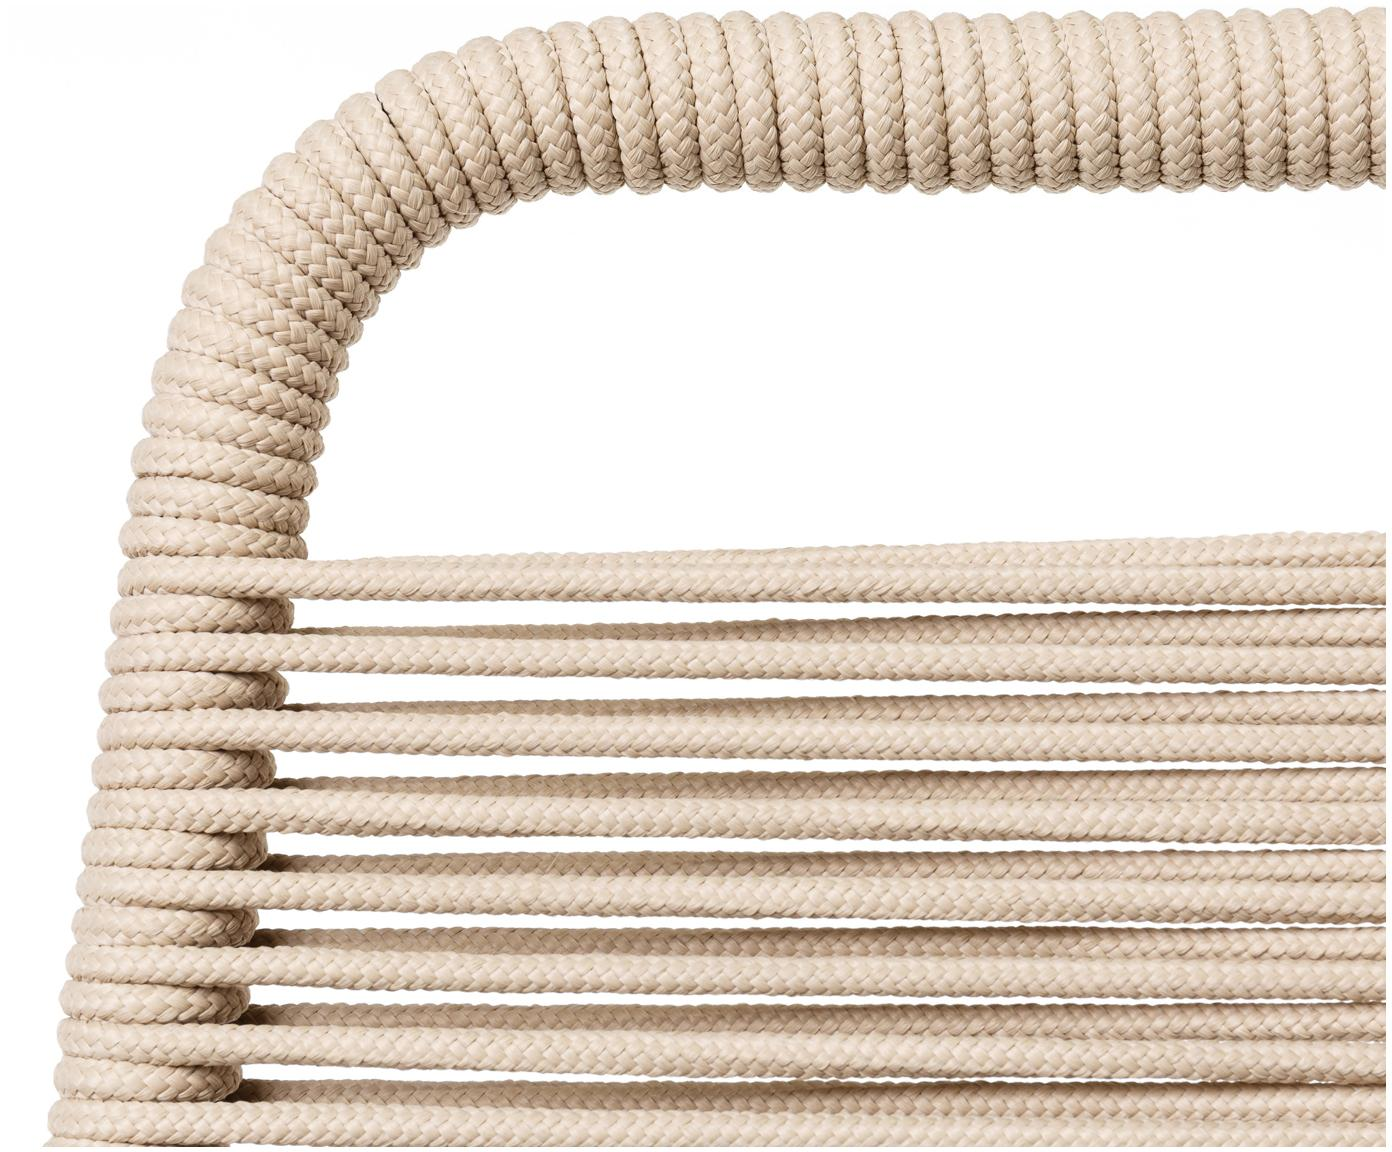 Krzesło ogrodowe  Suture, 2 szt., Beżowy, S 53 x G 53 cm